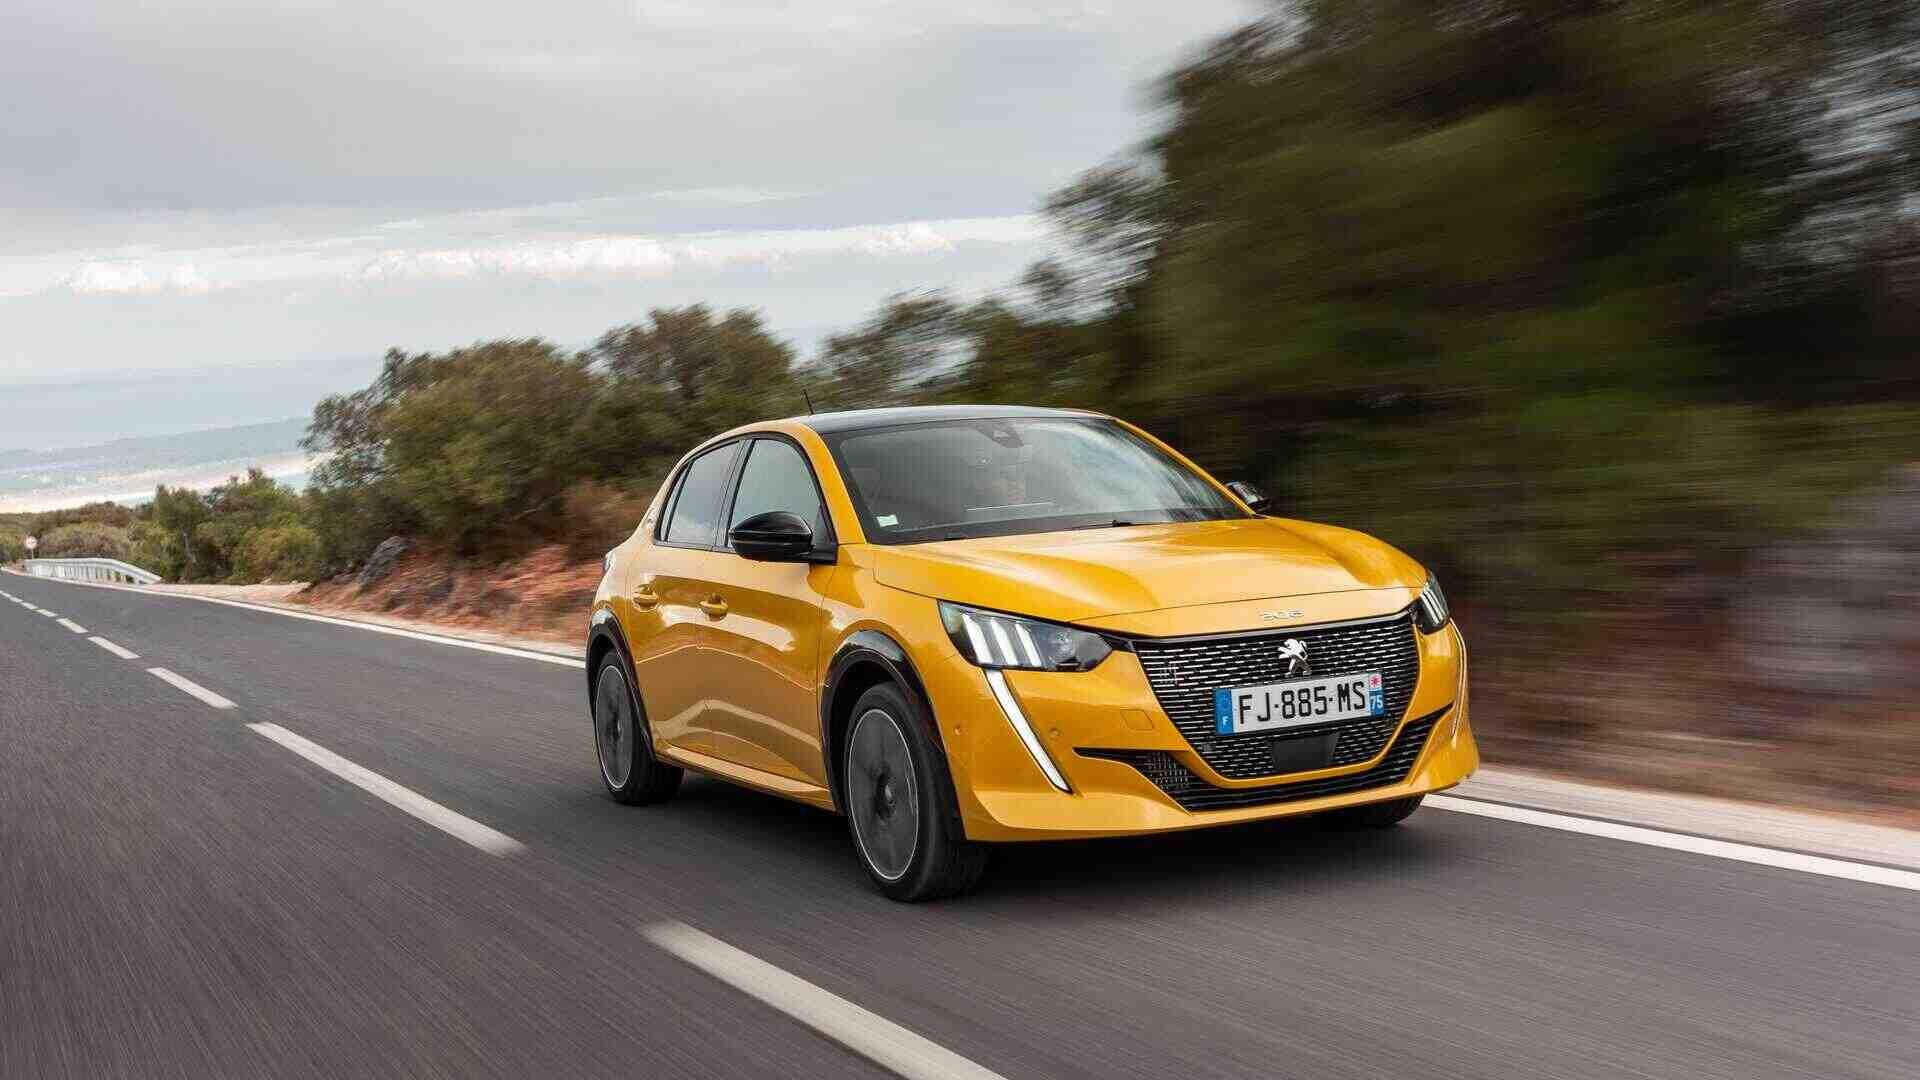 Quelle est la voiture la plus fiable 2020?